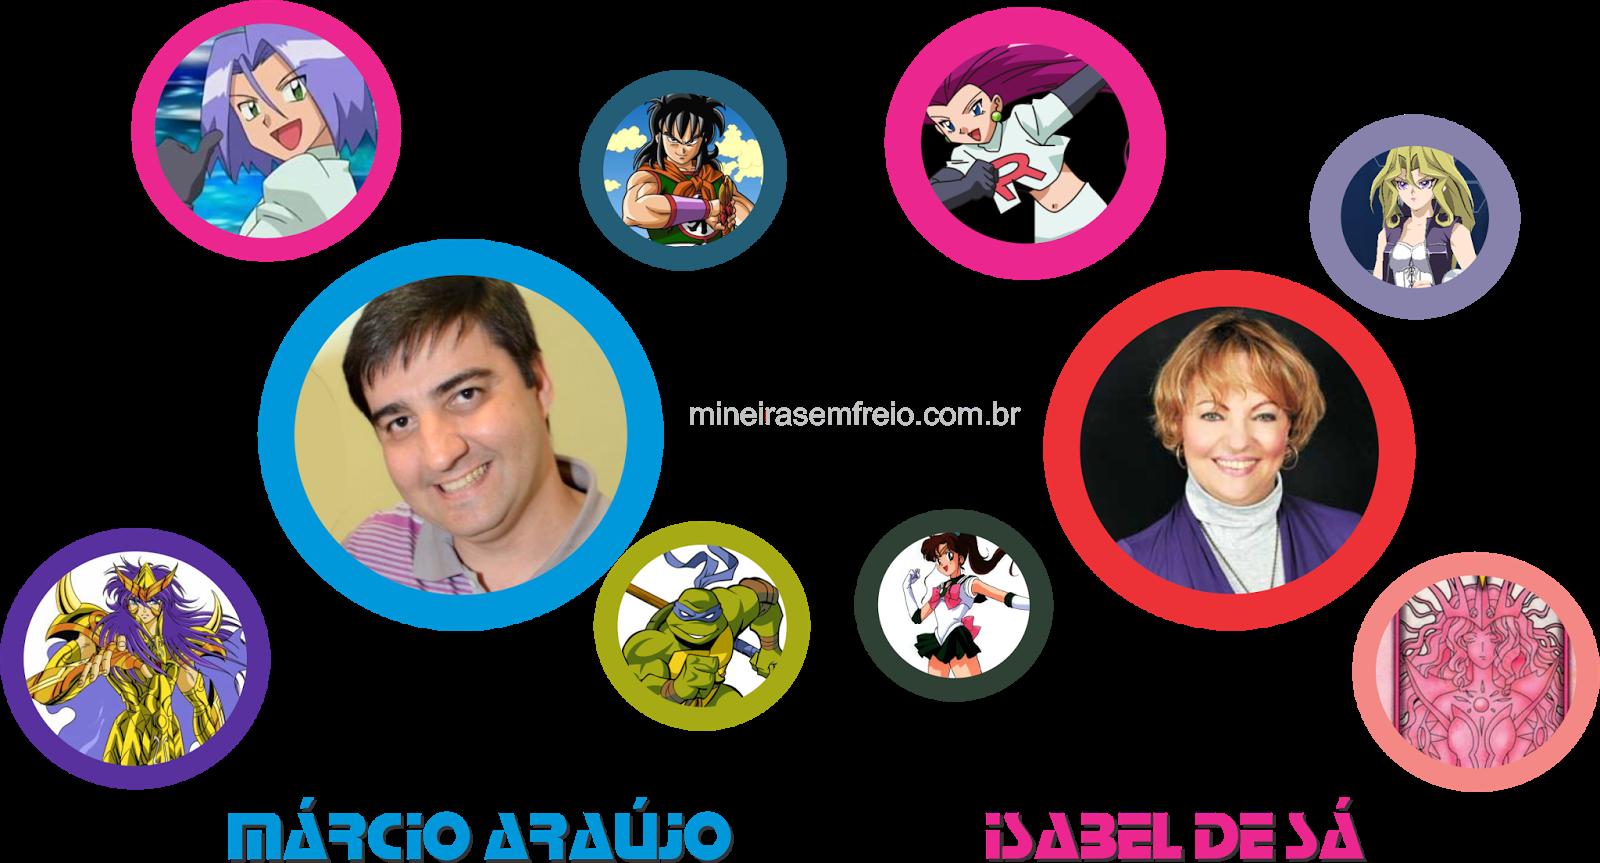 Márcio Araújo e Isabel de Sá dubladores confirmados na Convenção Anime Otaku Sekai de Uberaba junho de 2014